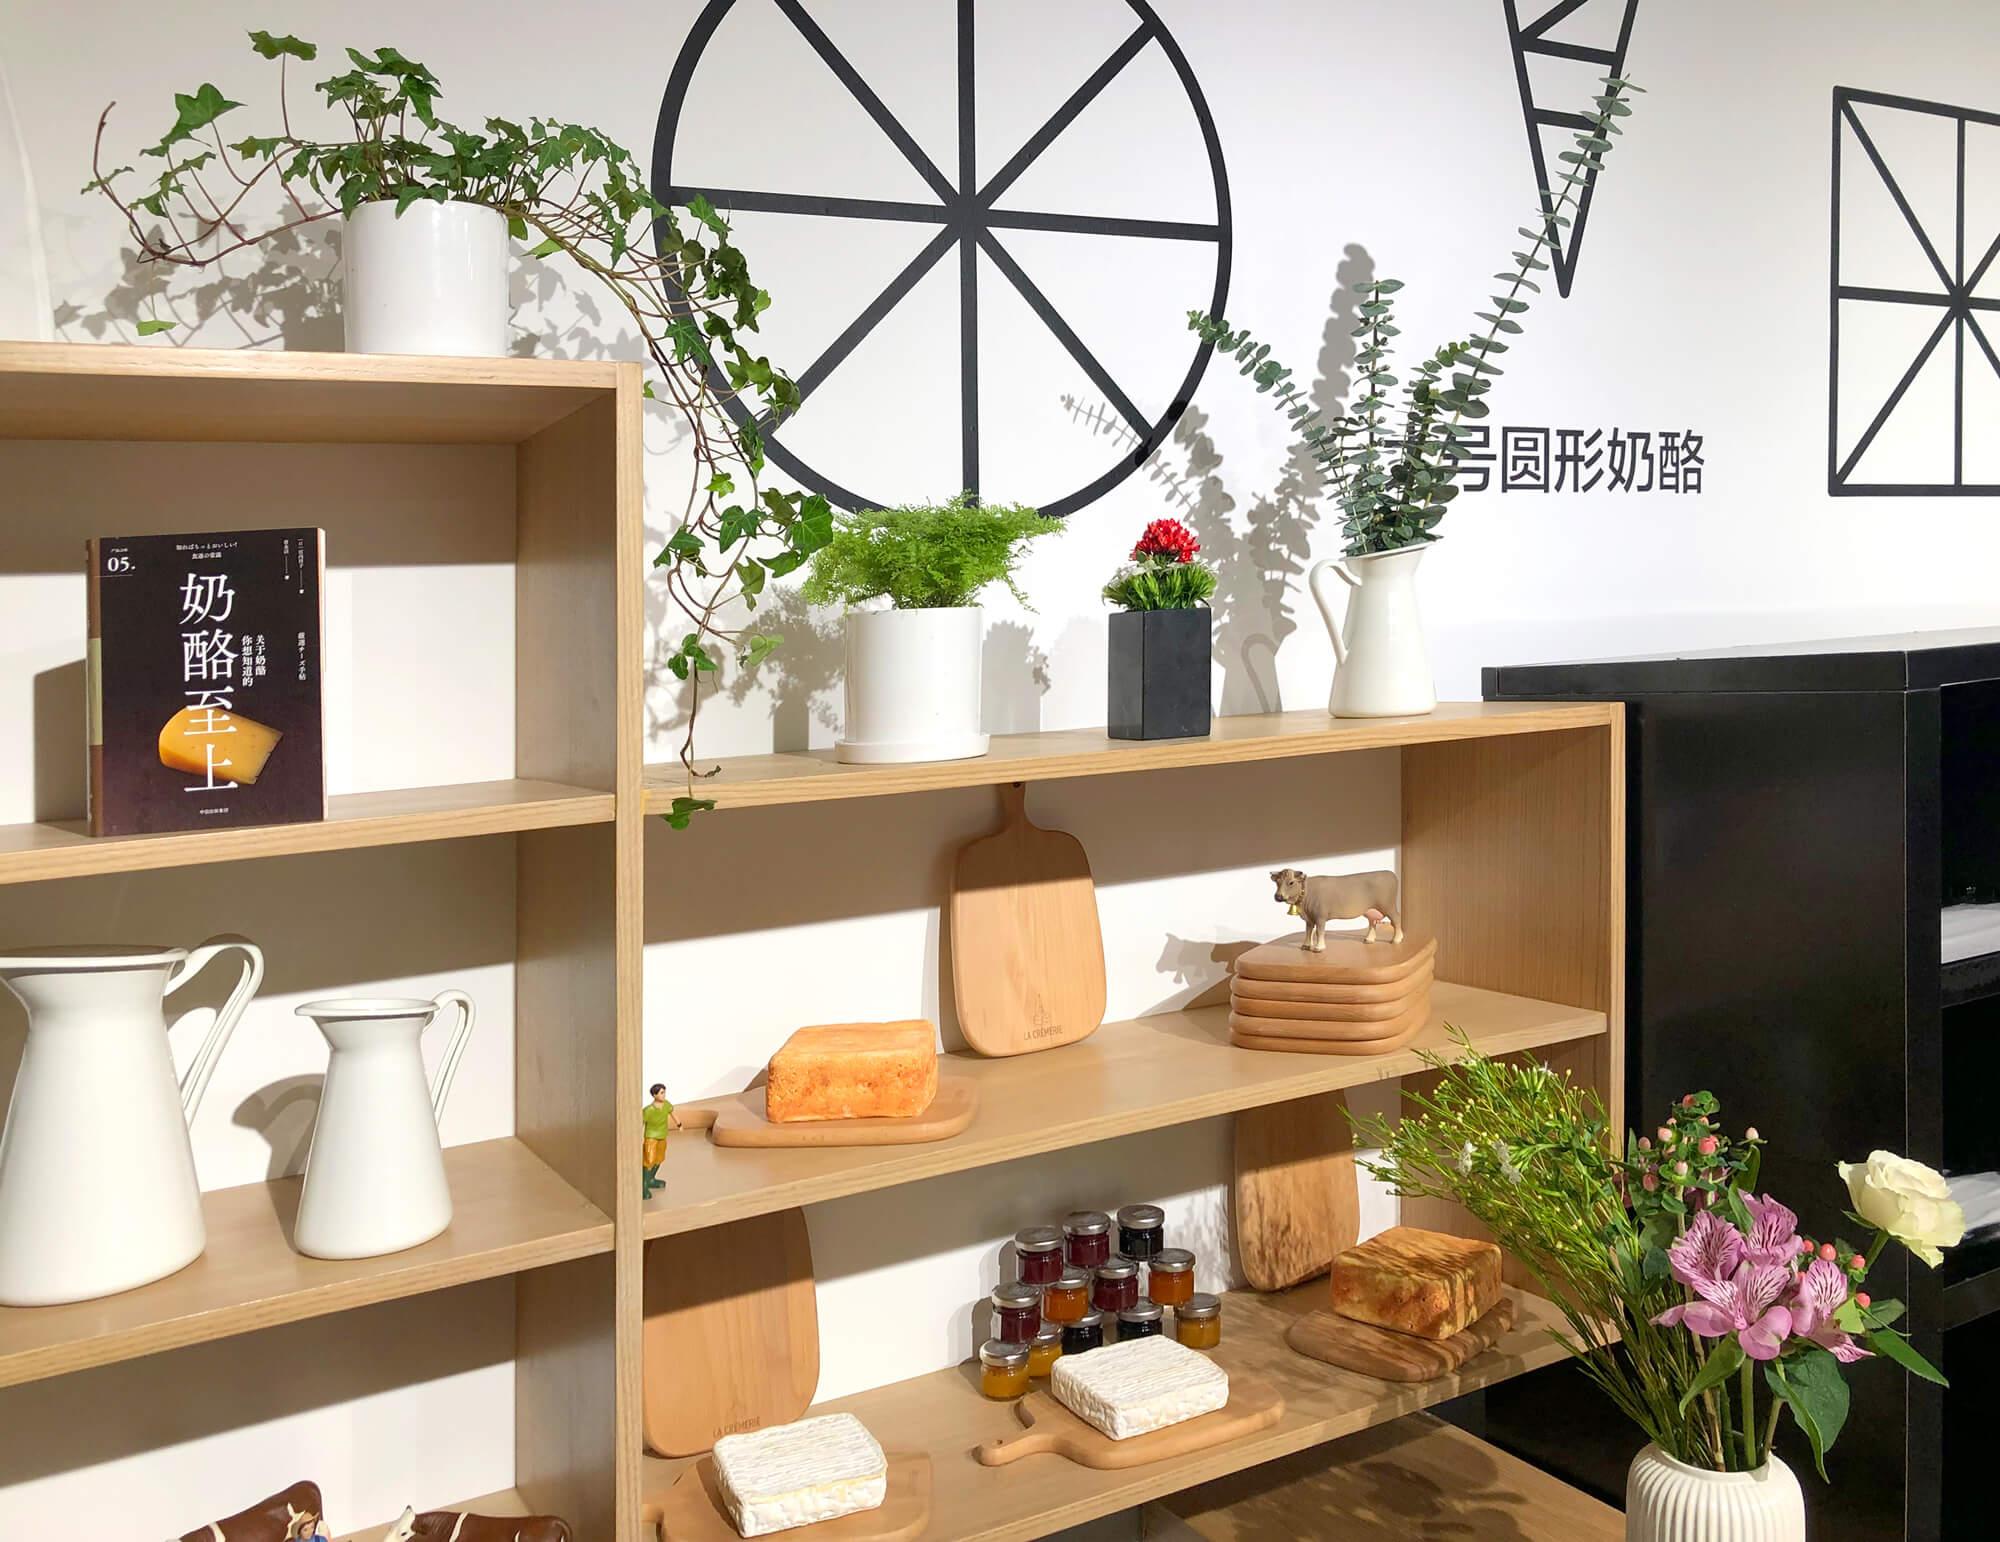 La décoration florale des étagères de la crèmerie, le concept store chinois design ichetkar